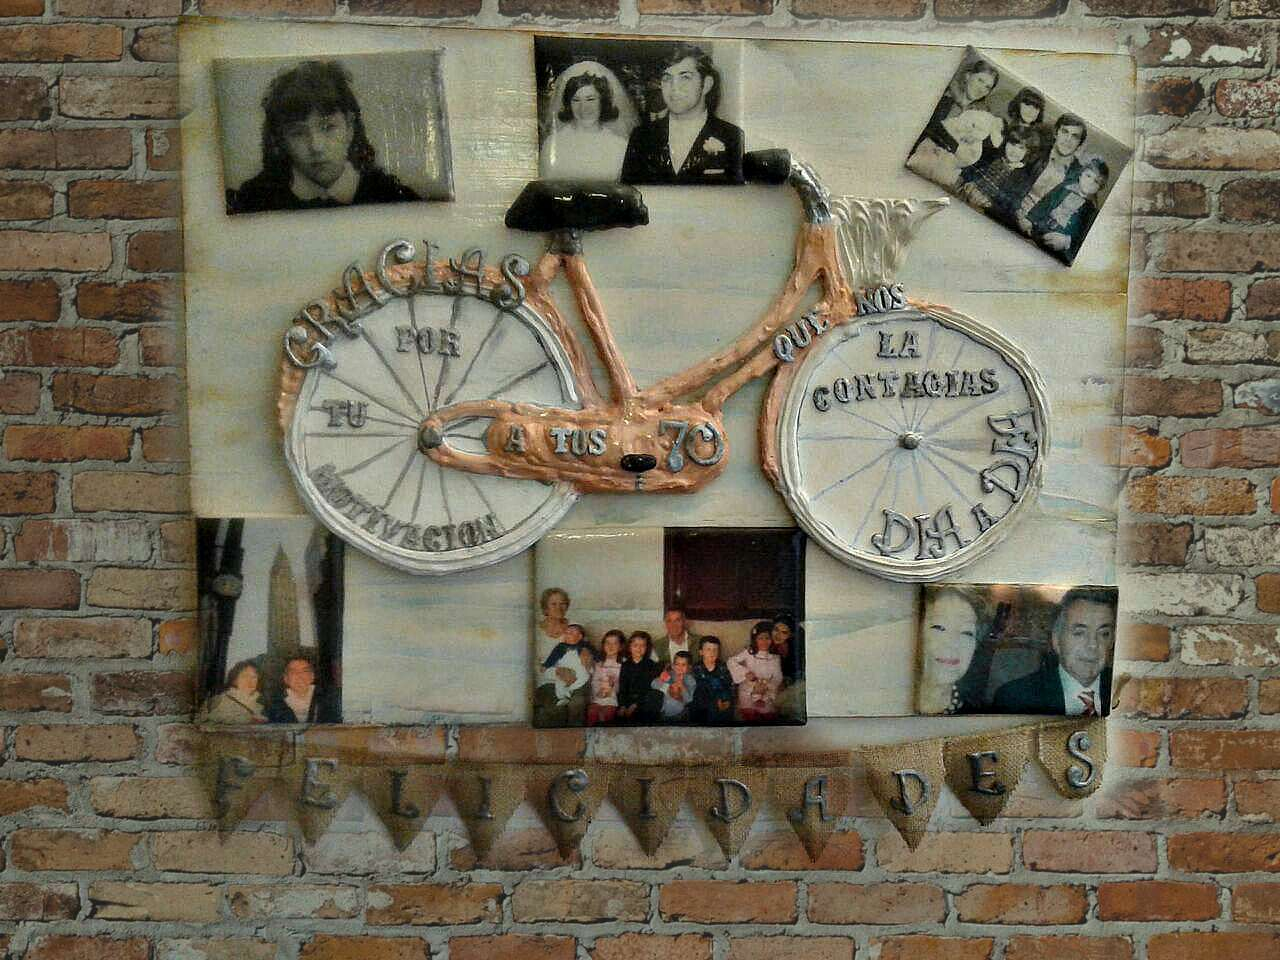 Un cuadro con tus fotos y con mensaje salvarecuerdos - Como hacer un cuadro con fotos familiares ...